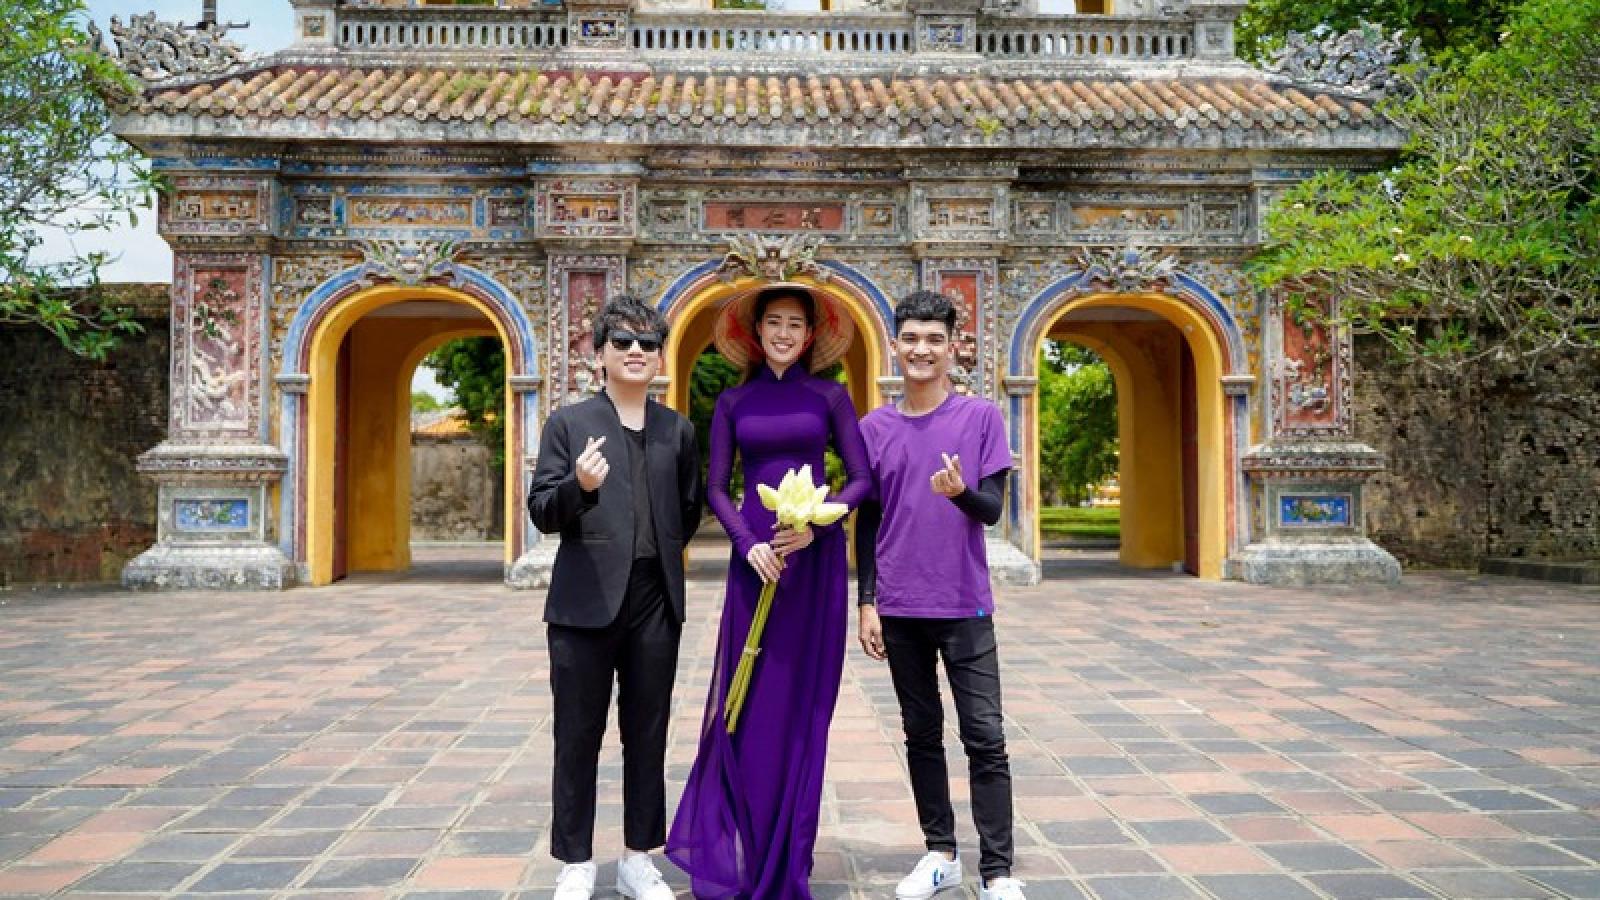 Hoa hậu Khánh Vân diện áo dài tím hoá thành cô gái xứ Huế